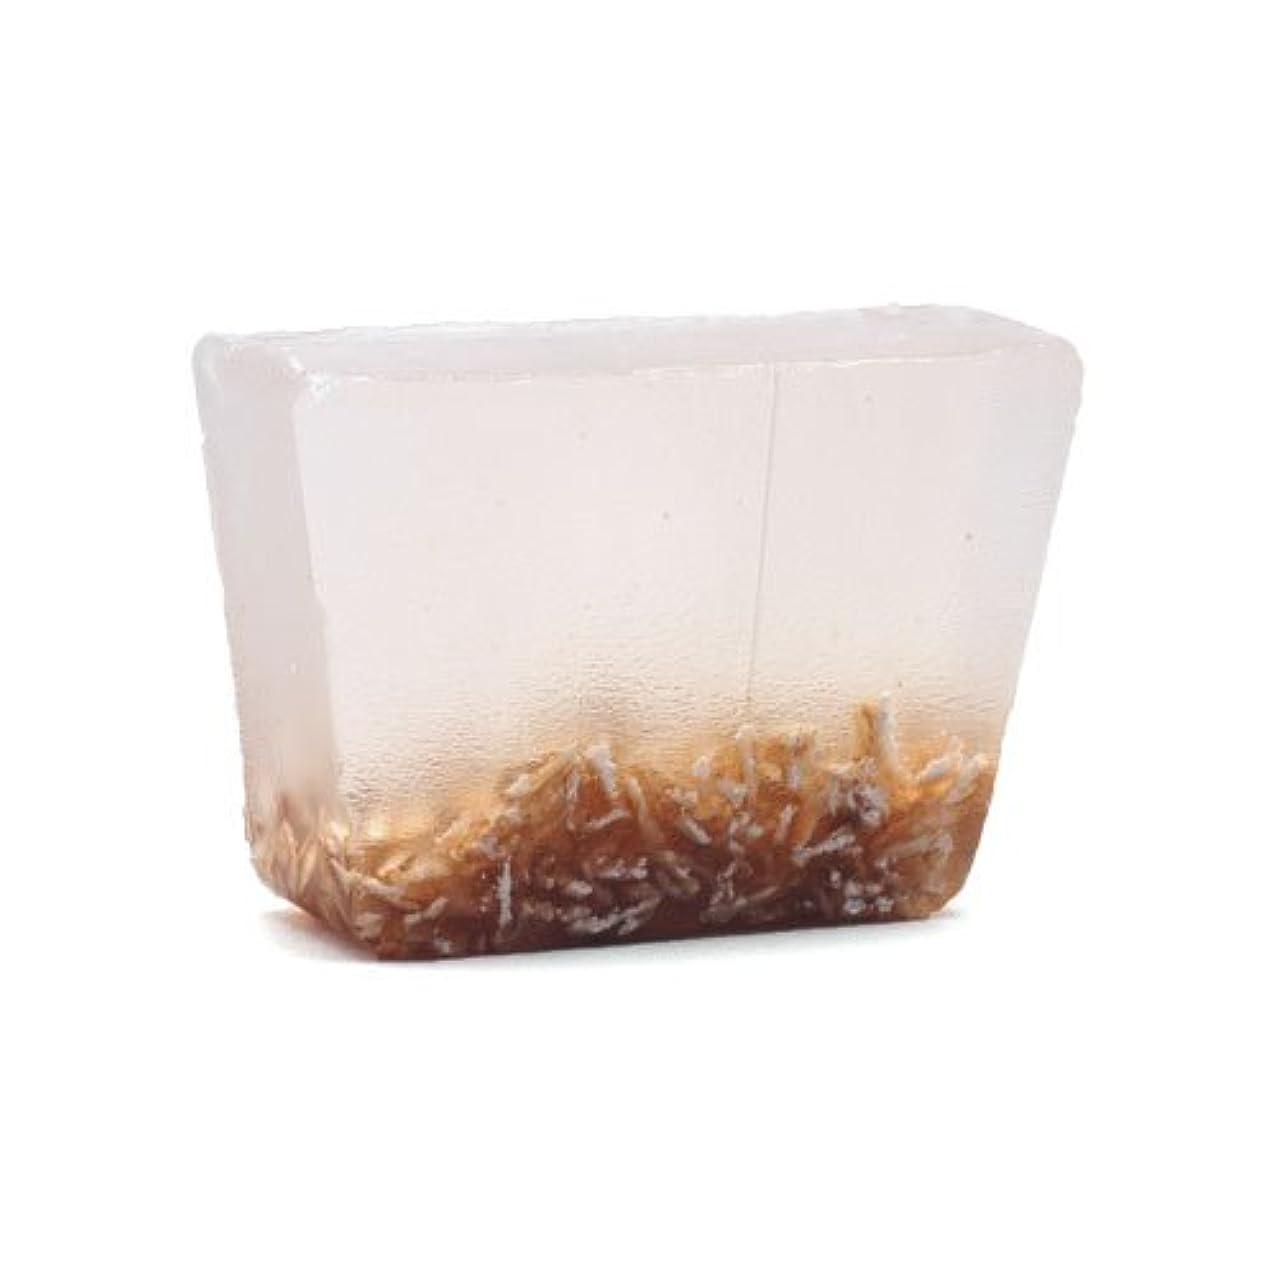 プライモールエレメンツ アロマティック ミニソープ ラベンダーオートミール 80g 植物性 ナチュラル 石鹸 無添加